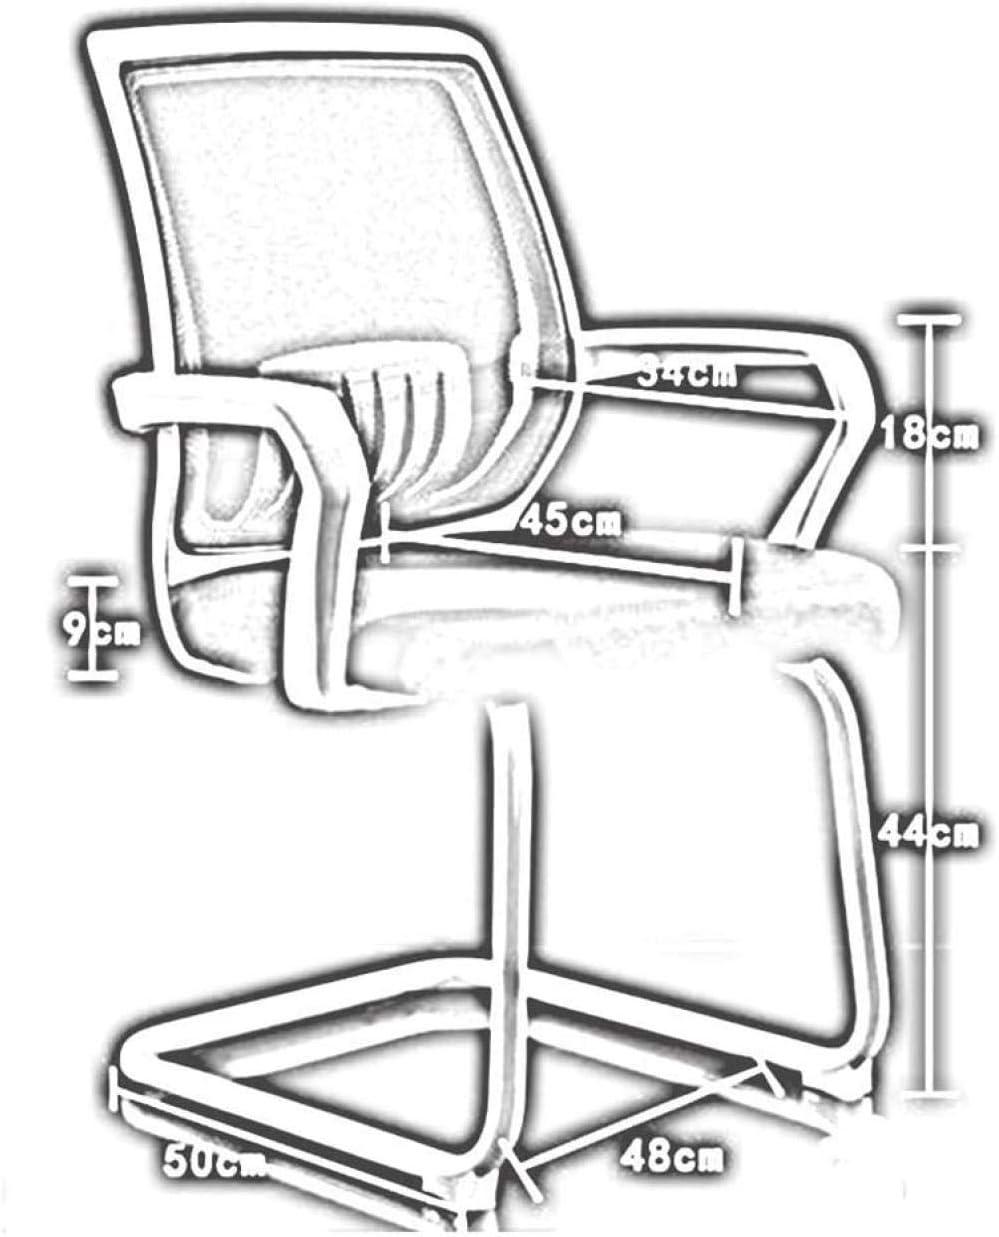 Chaise De Bureau Chaises De Loisirs Chaise d'arc Familiale Chaise De Conférence Chaise De Personnel Chaise D'Étudiant Dossier Respirant en Maille - Bleu Bleu